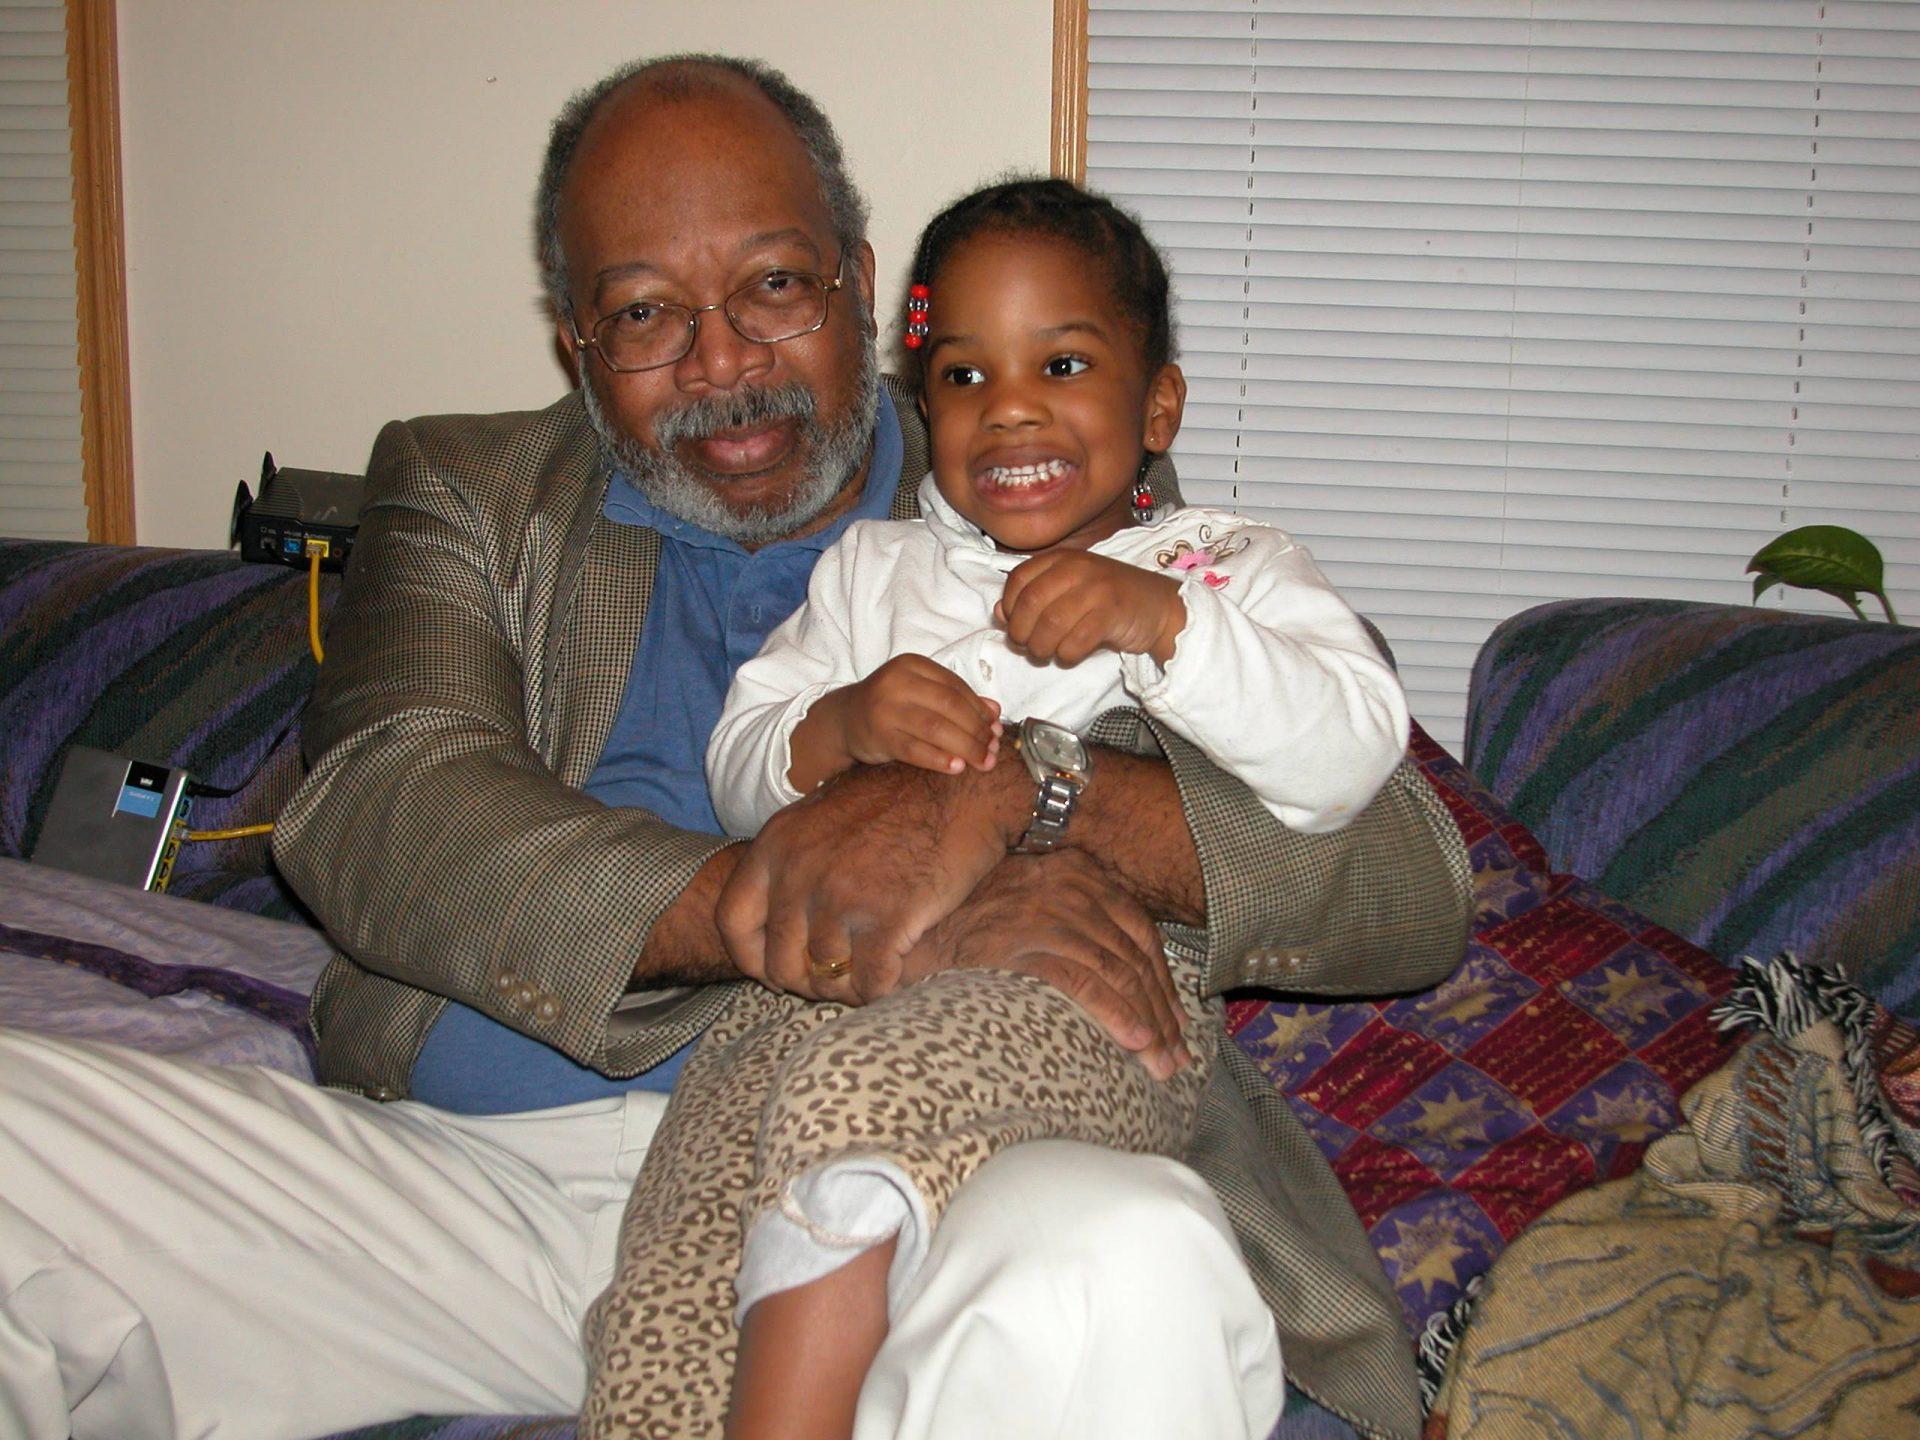 Brittney, John's granddaughter